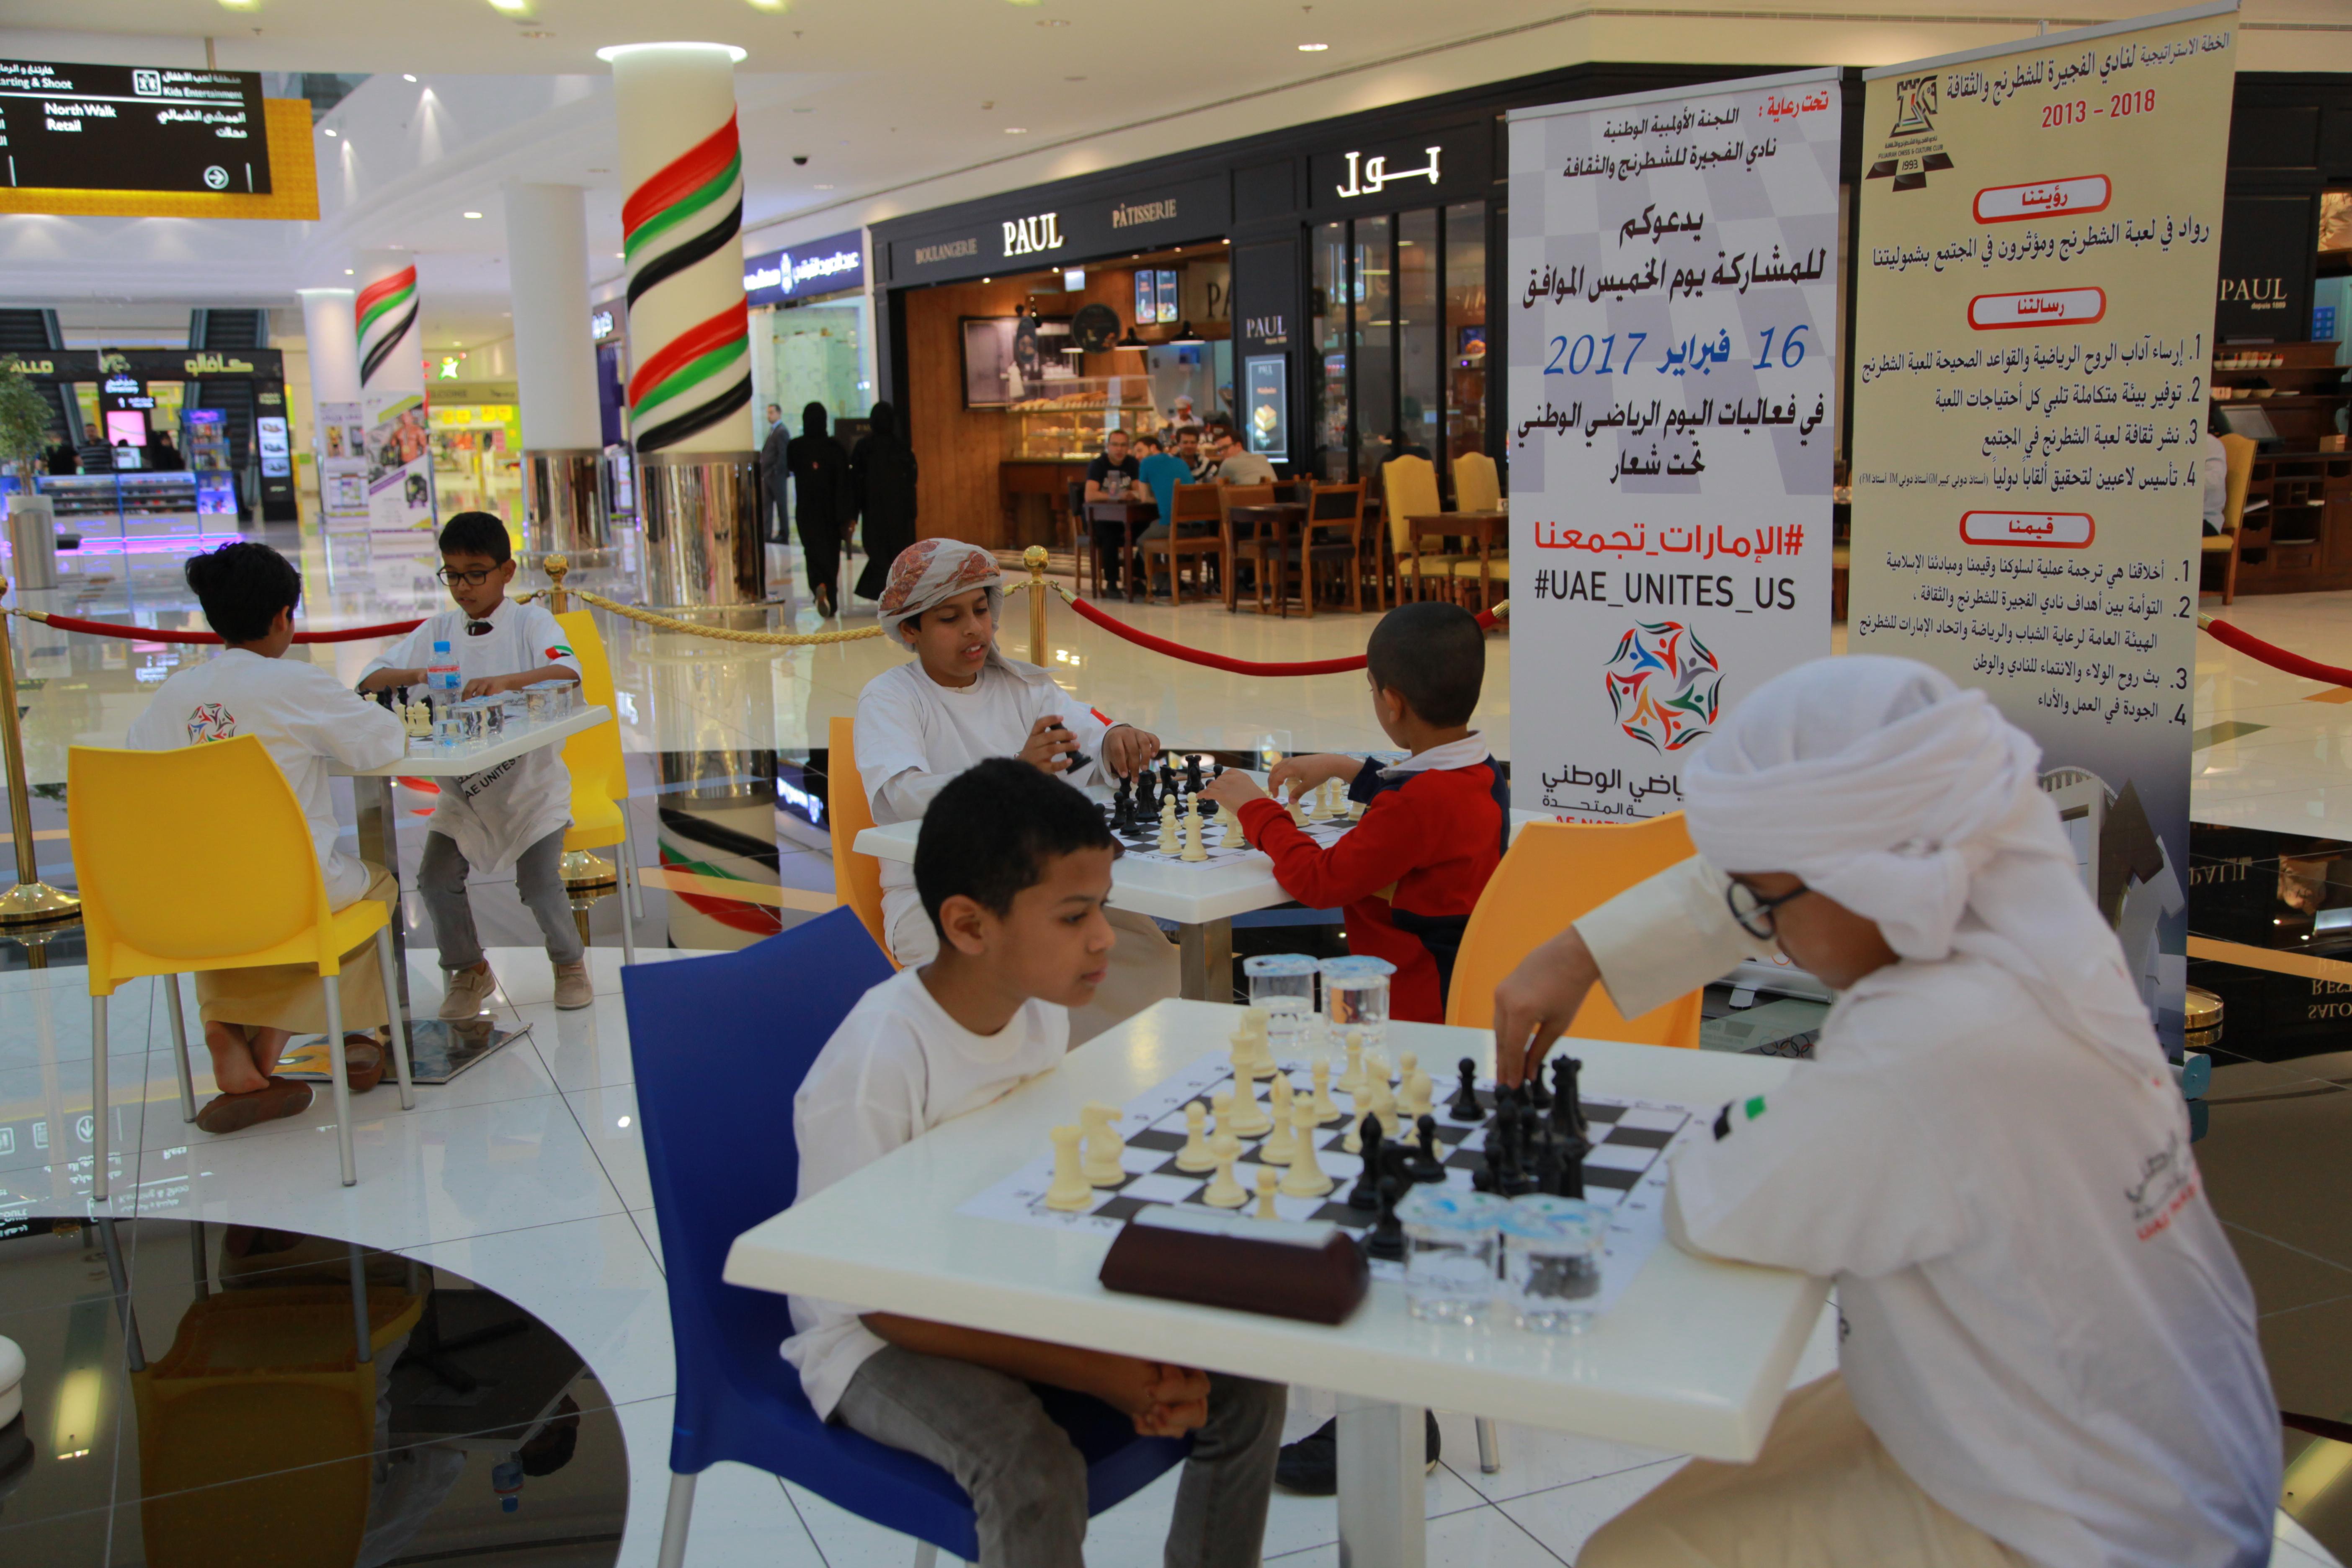 نادي شطرنج الفجيرة يستقطب اللاعبين وعوائلهم في اليوم الرياضي الوطني